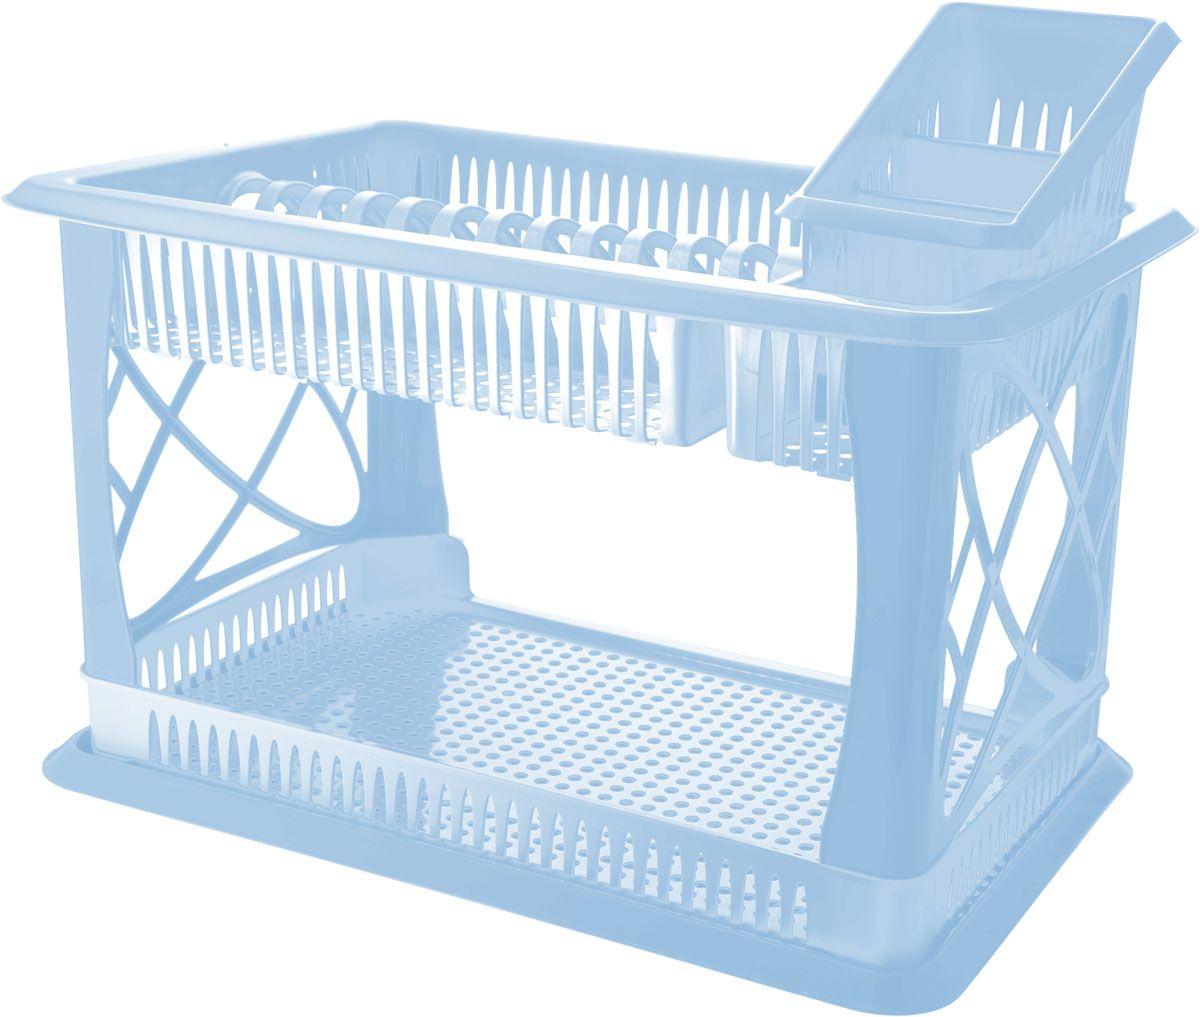 Сушилка для посуды Plastic Centre Лилия, 2-ярусная, с поддоном, с сушилкой для столовых приборов, цвет: голубой, 49 х 17,5 х 32,5 смВетерок 2ГФДвухъярусная сушилка для посуды выполнена из пластика. Изделие оснащено поддоном для стекания воды и подставкой для столовых приборов и стаканов. Сушилка может быть установлена как на столе, так и подвешена на стену при помощи крючков (не входят в комплект). Размер сушилки (с учетом подставок): 49 х 17,5 х 32,5 см.Размер поддона: 47 х 30 х 2,5 см.